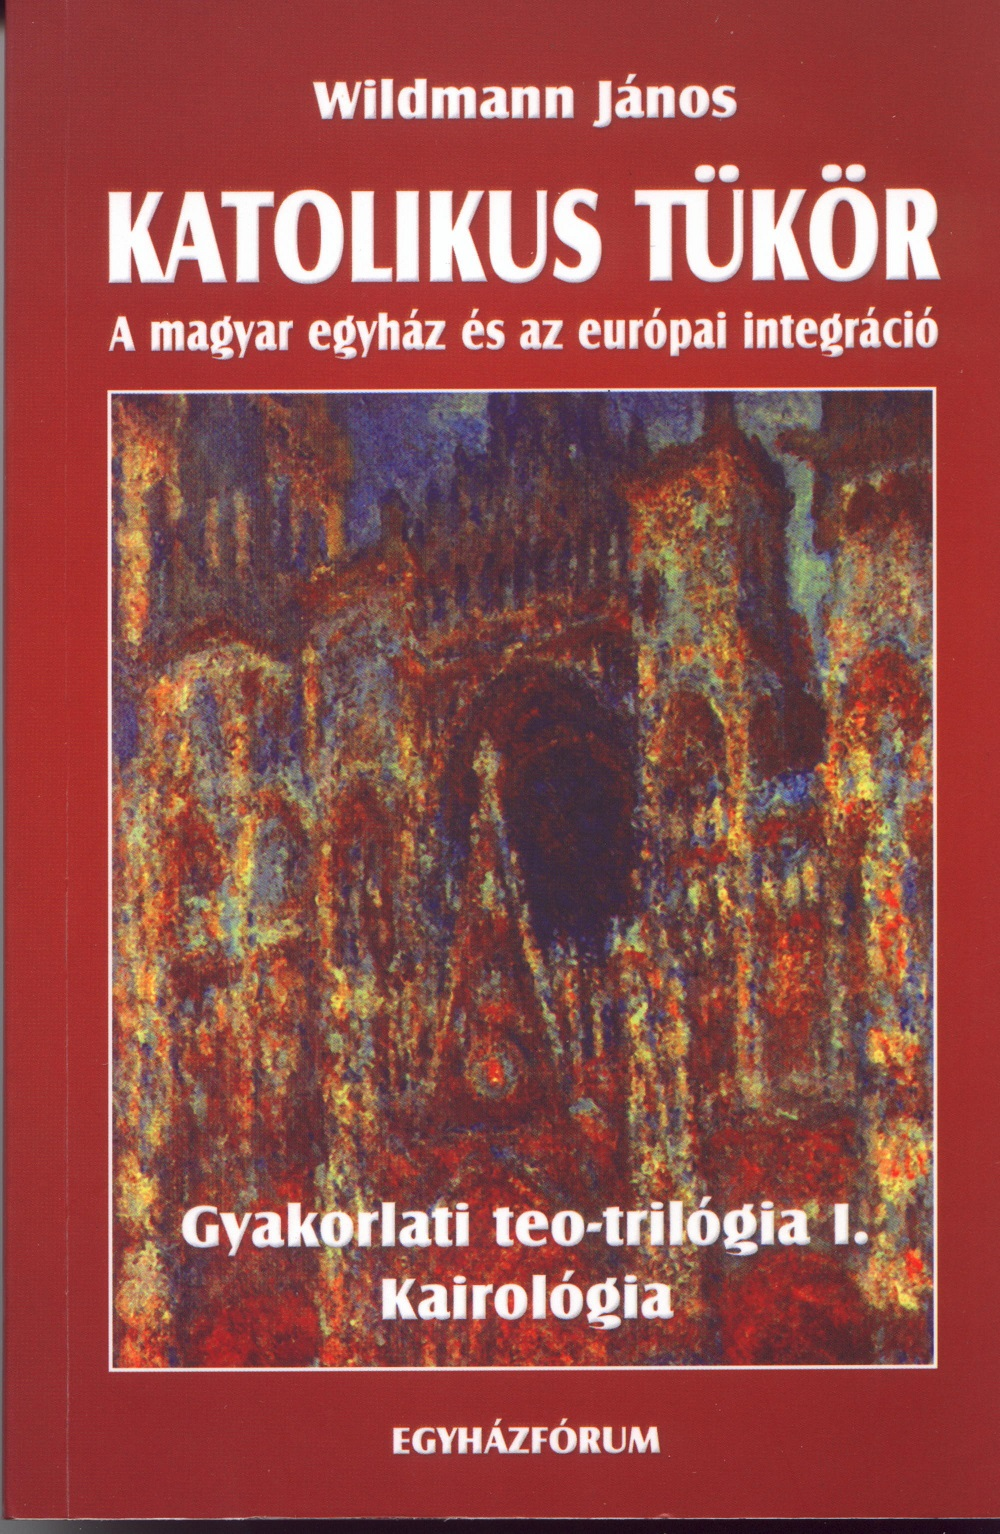 Wildmann János: Katolikus tükör. A magyar egyház és az európai integráció.